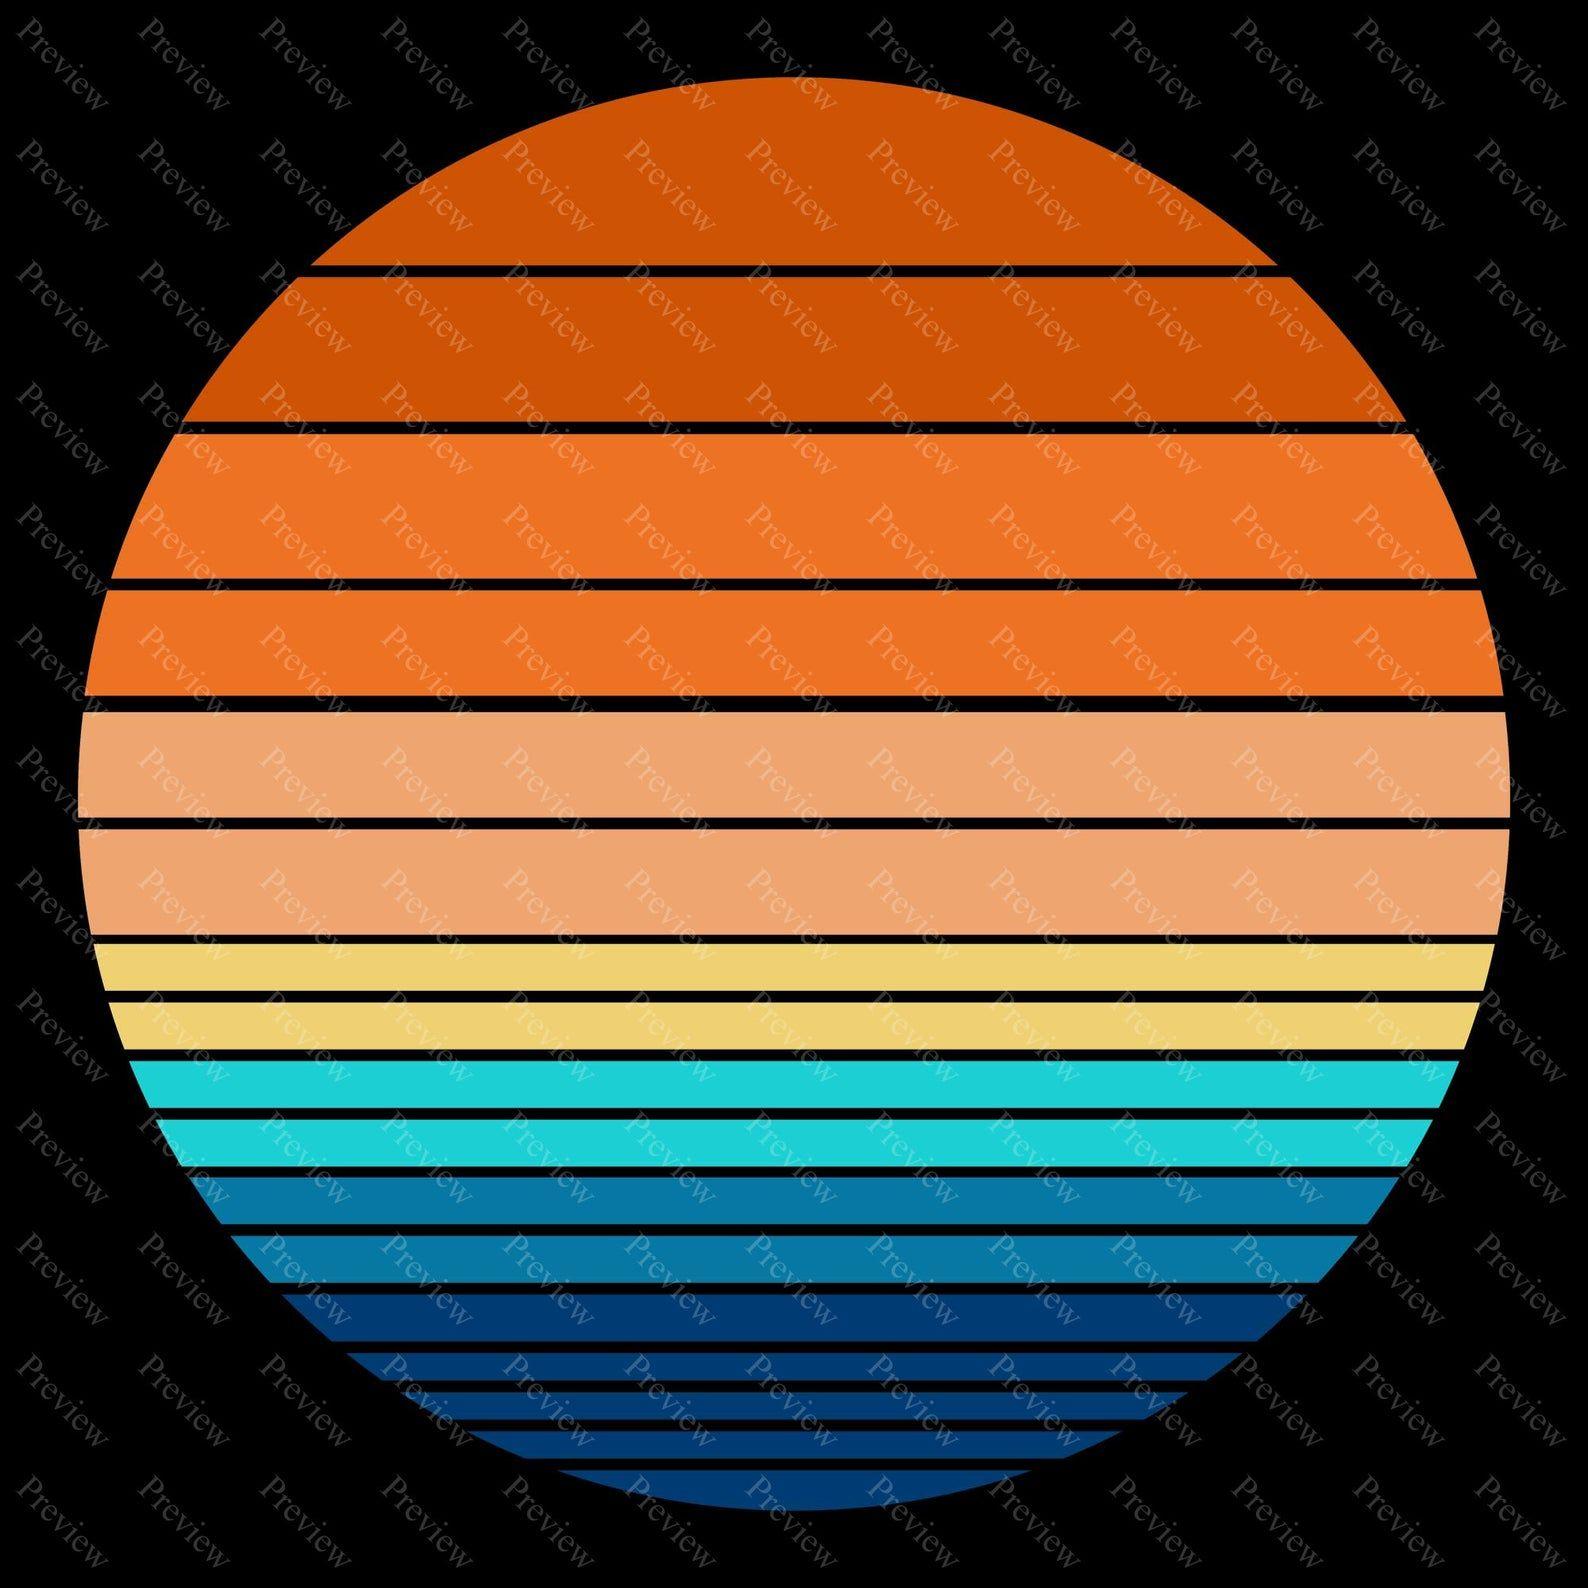 Retro Vintage Sunsets Pack 1 30 Retro Sunset Clipart Png Etsy In 2020 Vintage Colour Palette Retro Color Palette Retro Vintage